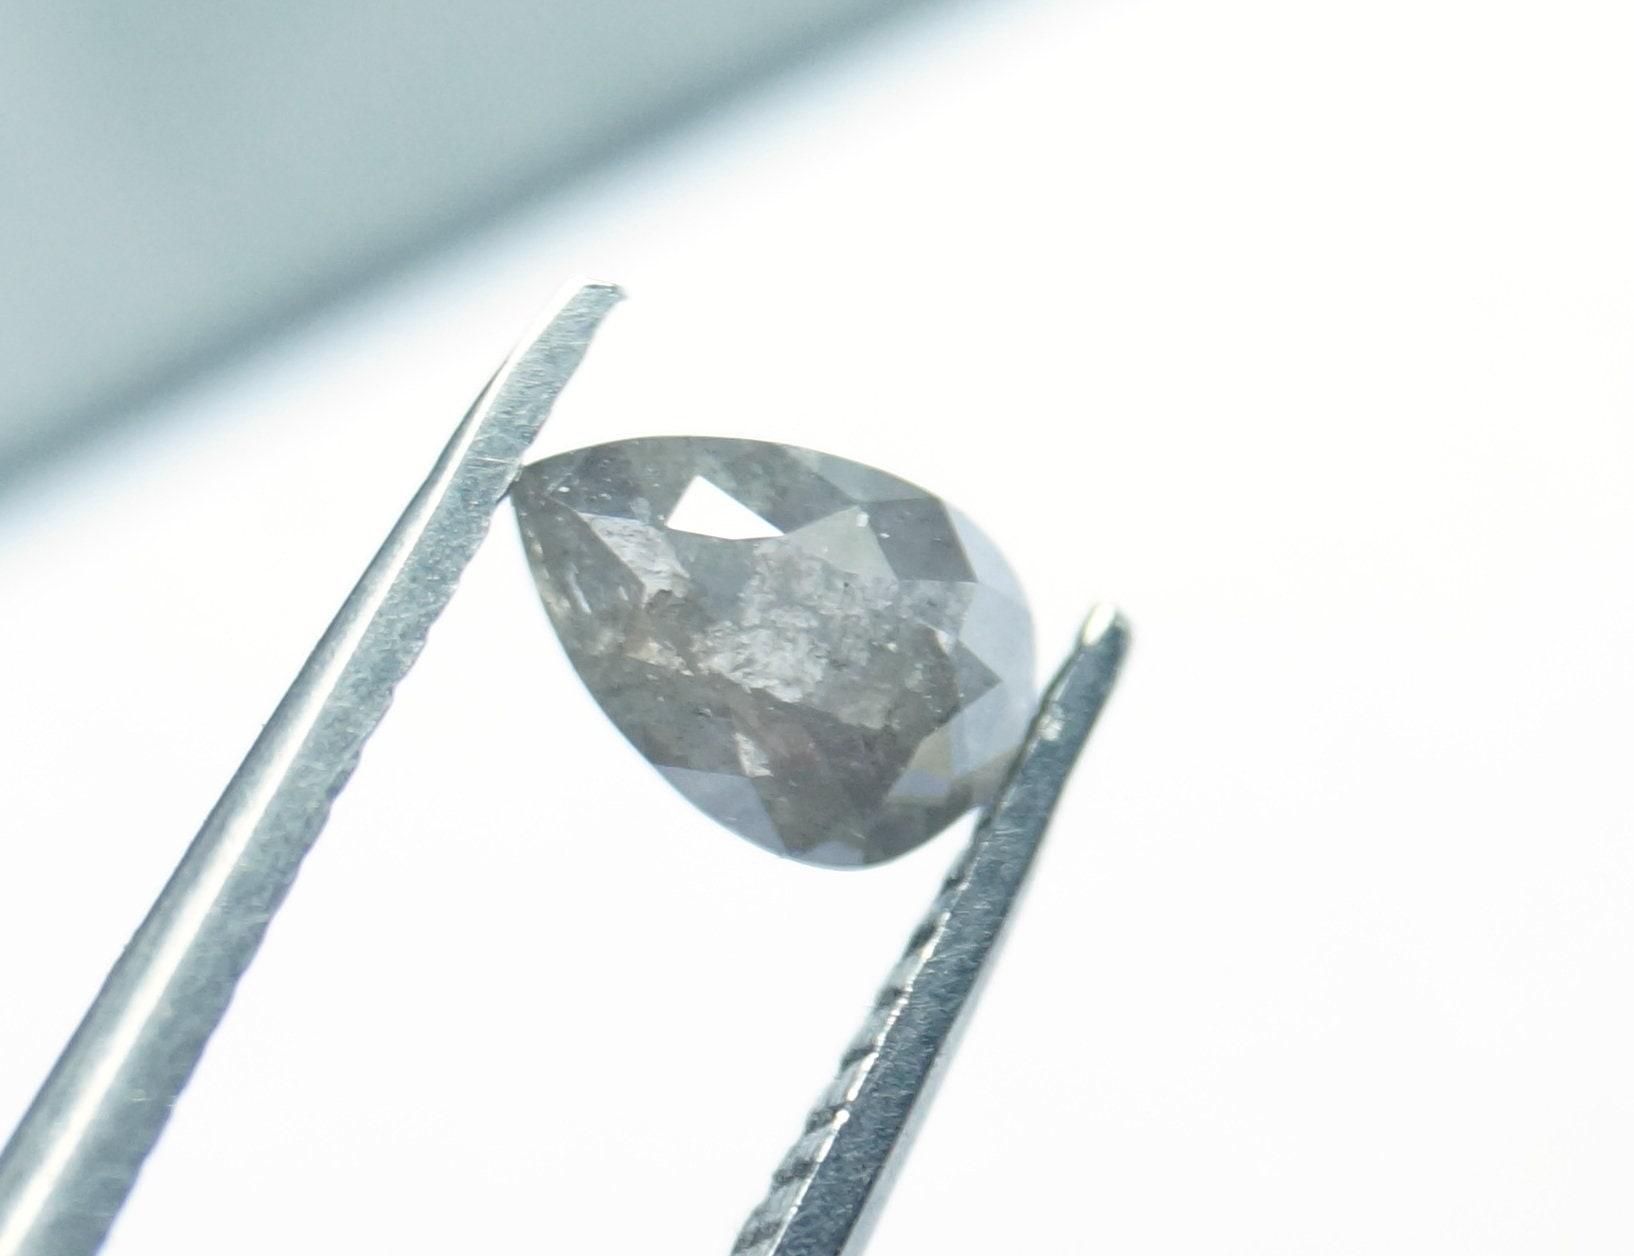 0.61cts 6.68x4.58x2.29mm gris sel & poivre forme poire forme poivre Rose Cut Diamond vrac Cabochon, naturel à facettes Diamond Rose Cut, PJ310 a47725